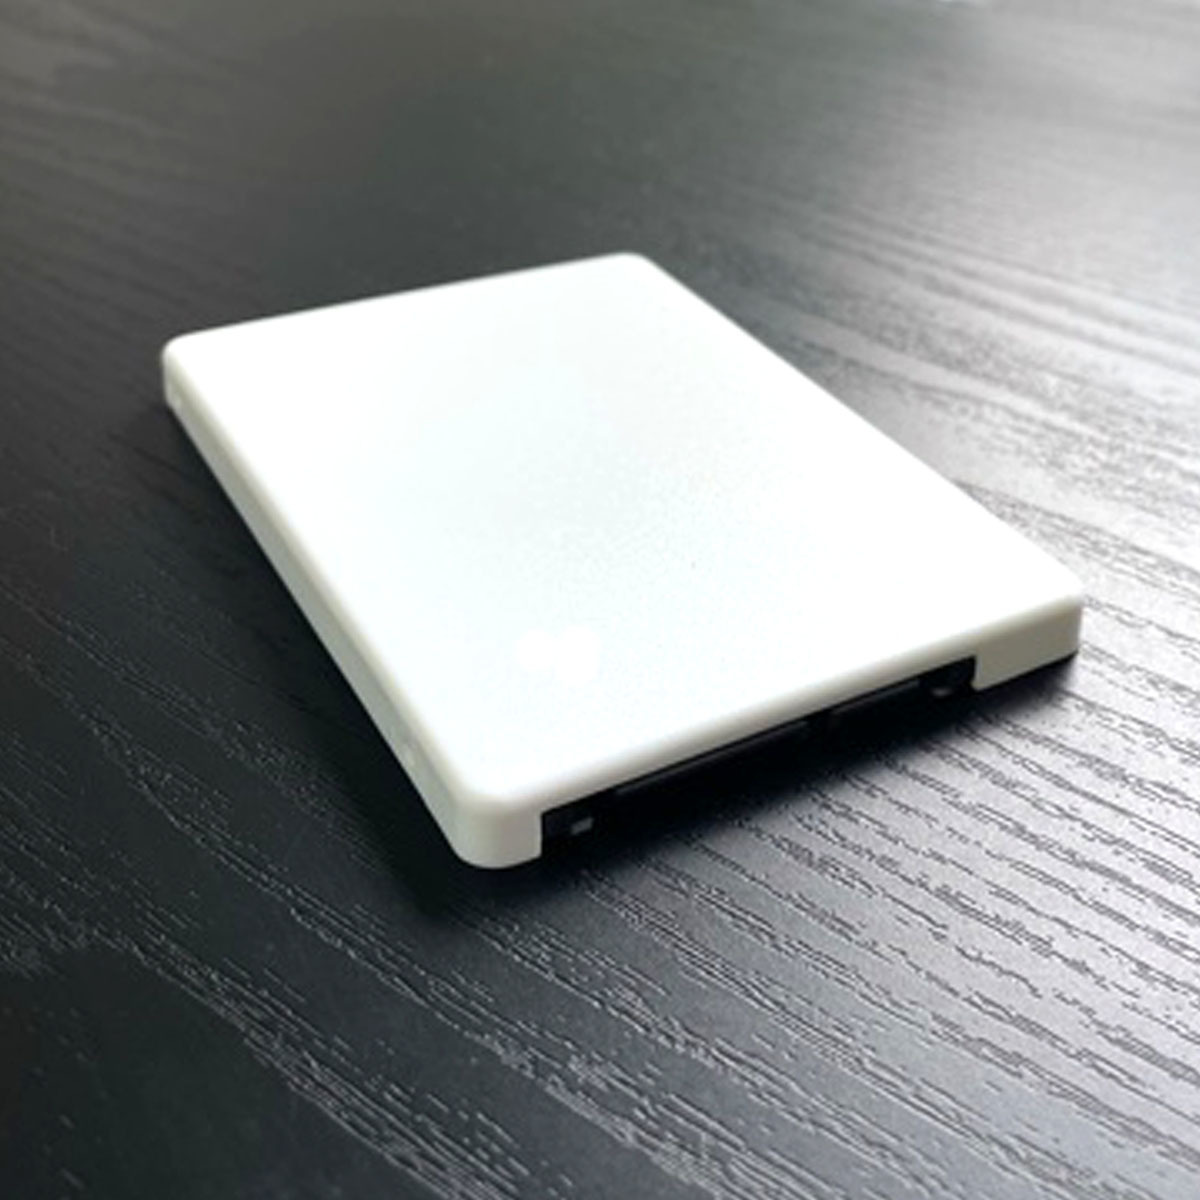 送料187円! mSATA(Mini SATA)50mm→2.5インチSATA 7mm厚 SSD変換ケース_画像3